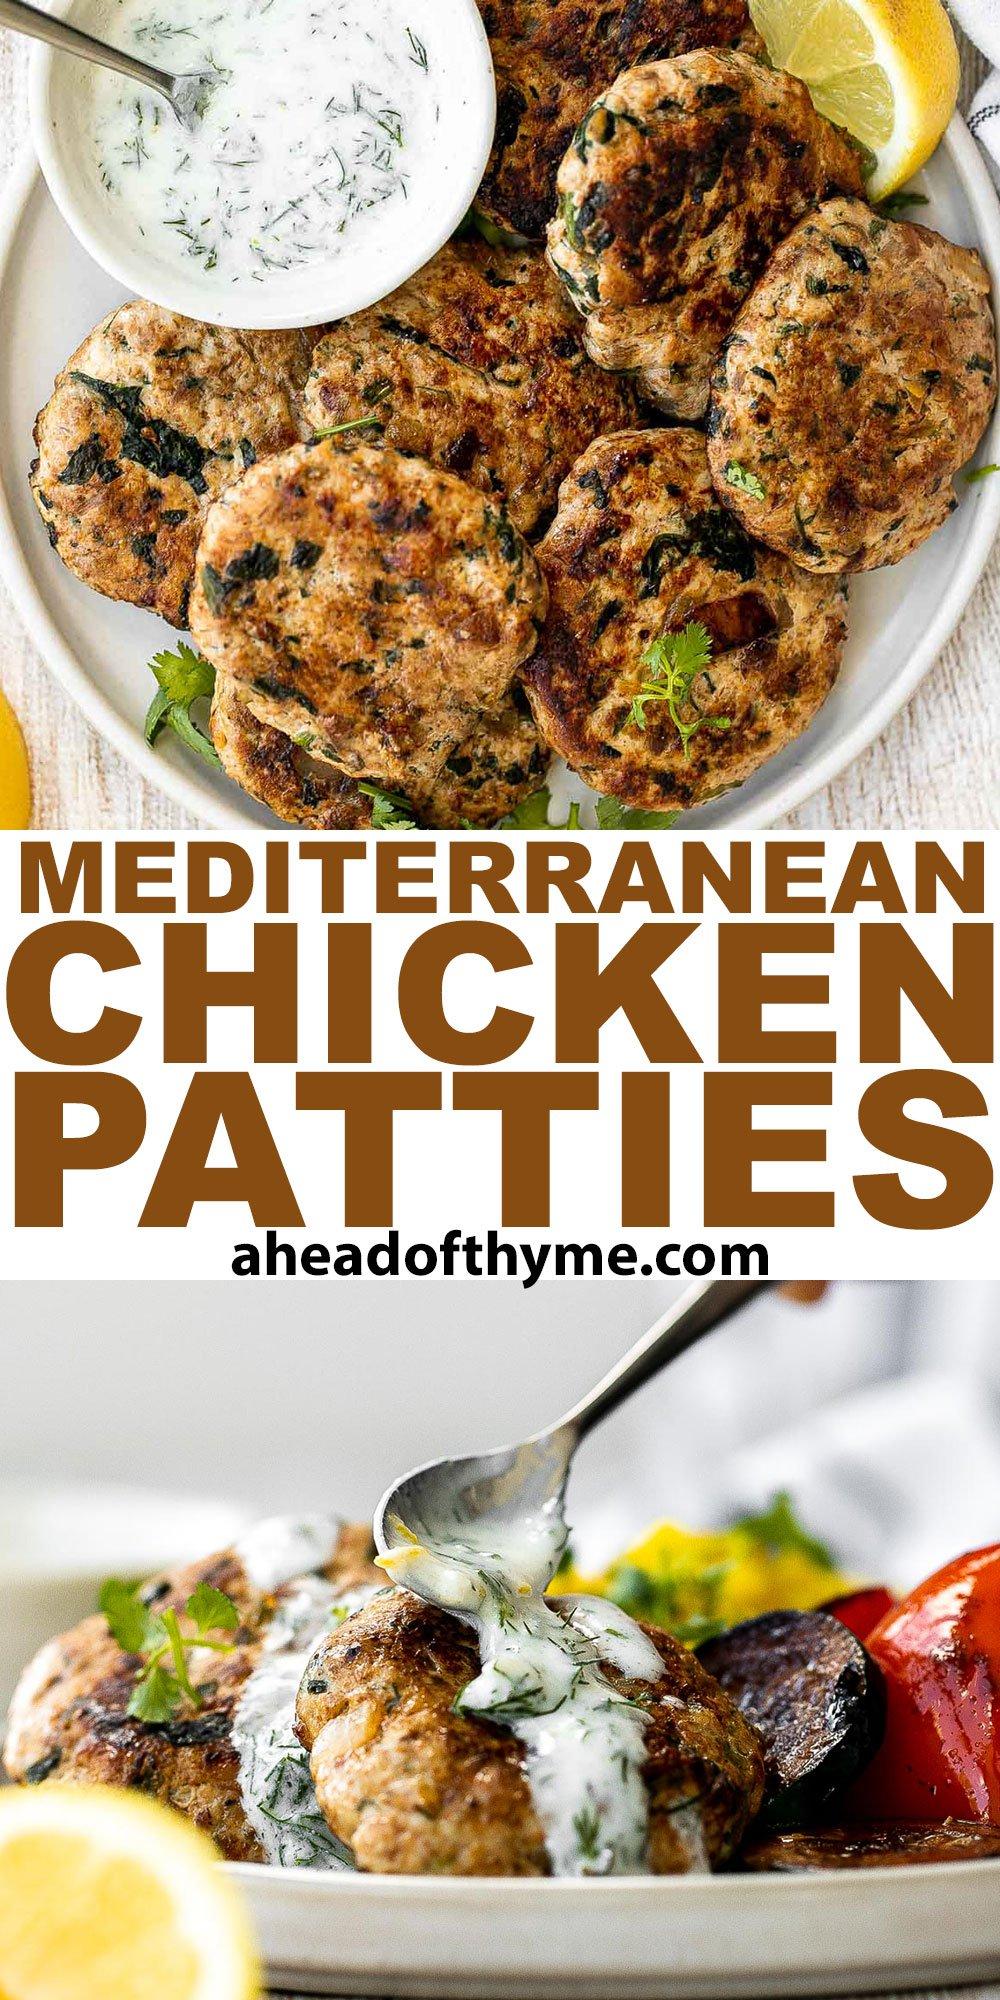 Mediterranean Chicken Patties